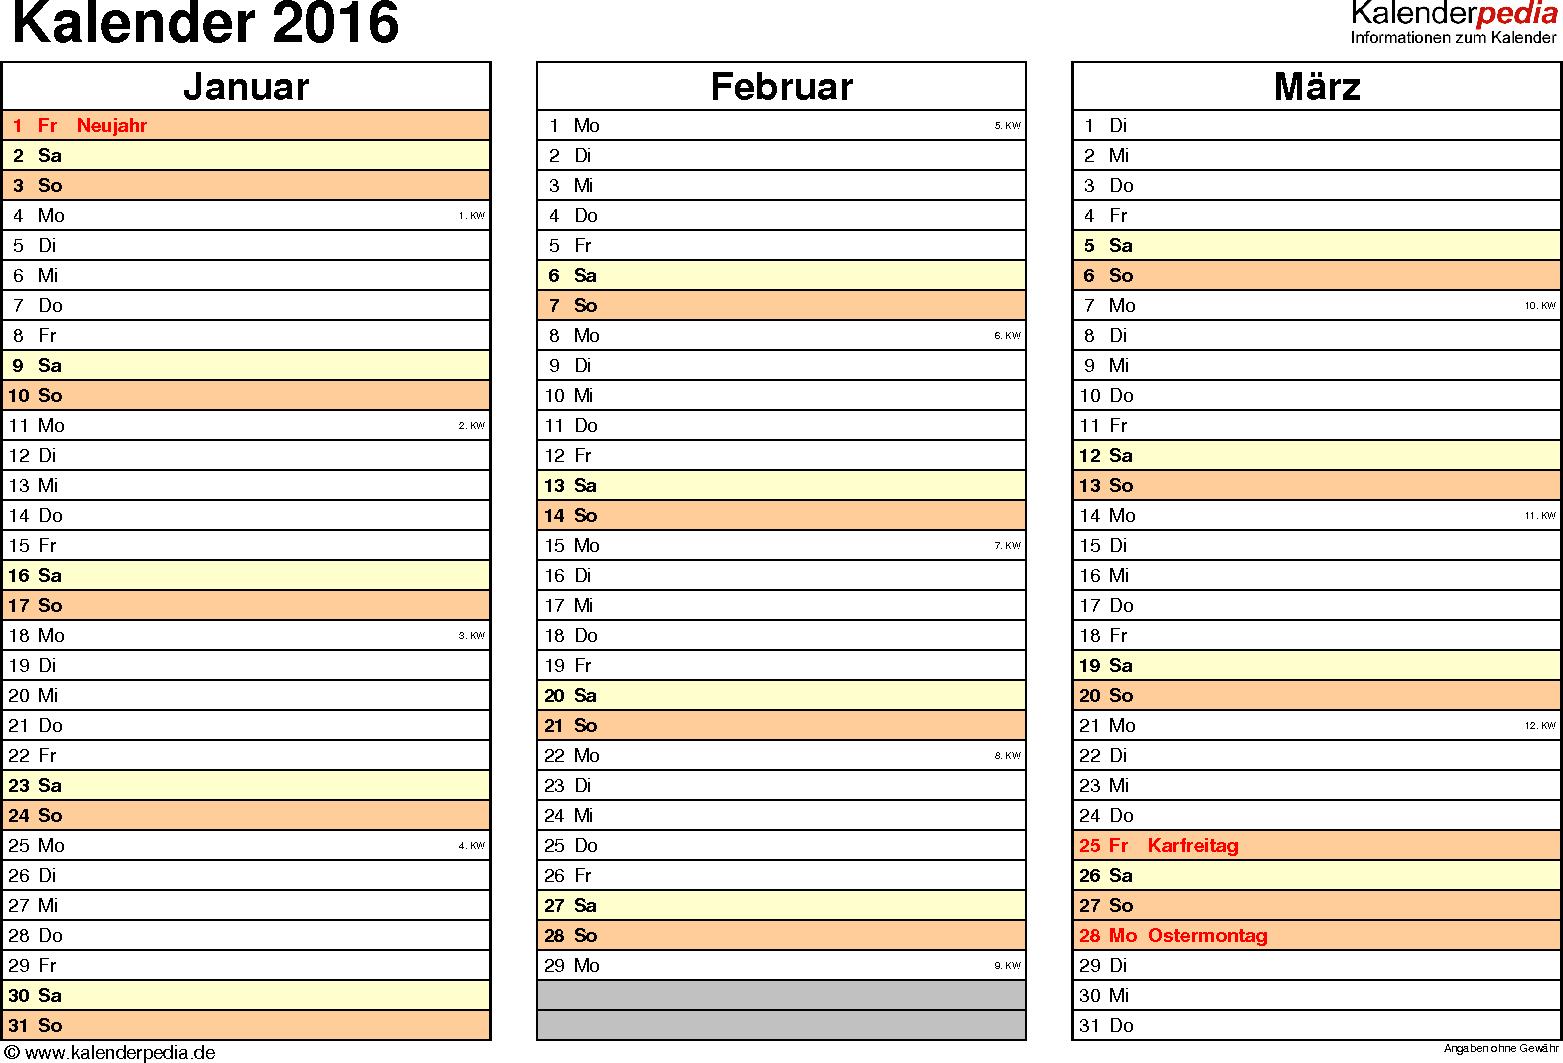 Vorlage 5: Kalender 2016 für Excel, Querformat, 4 Seiten, jedes Quartal auf einer Seite